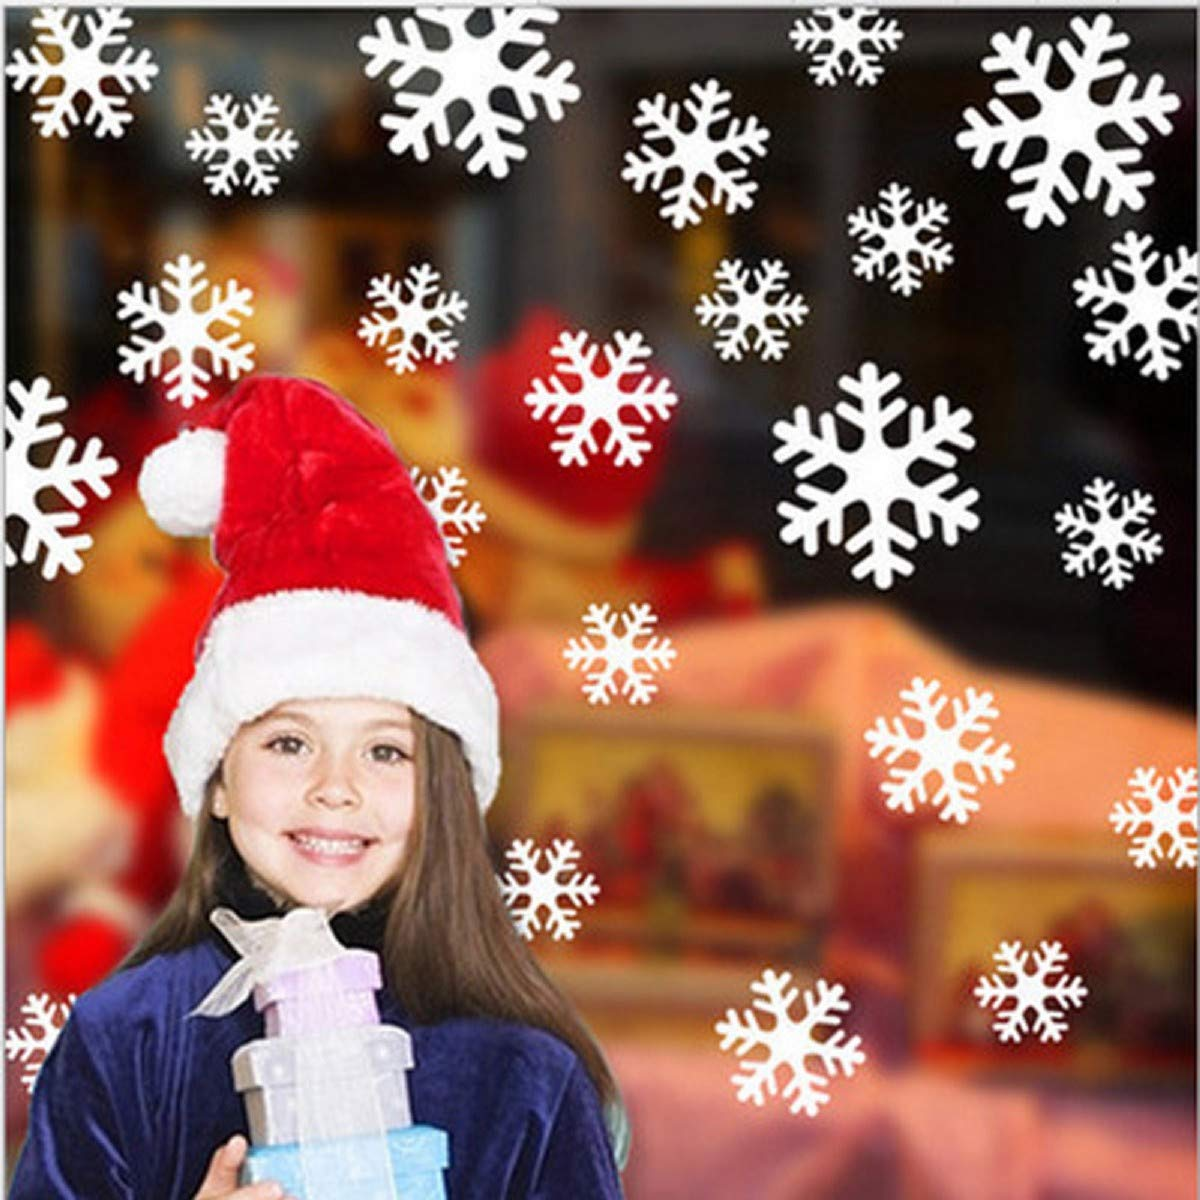 Adesivo decorativo natalizio 56 fiocchi di neve 5 diversi disegni / 2 fogli / Dimensioni: 30 * 45 cm / fogli Decorazione della finestra di Natale inverno Secco Parete Vetro Specchio Finestra / Adesivo per finestra fiocco di neve di Natale heekpek